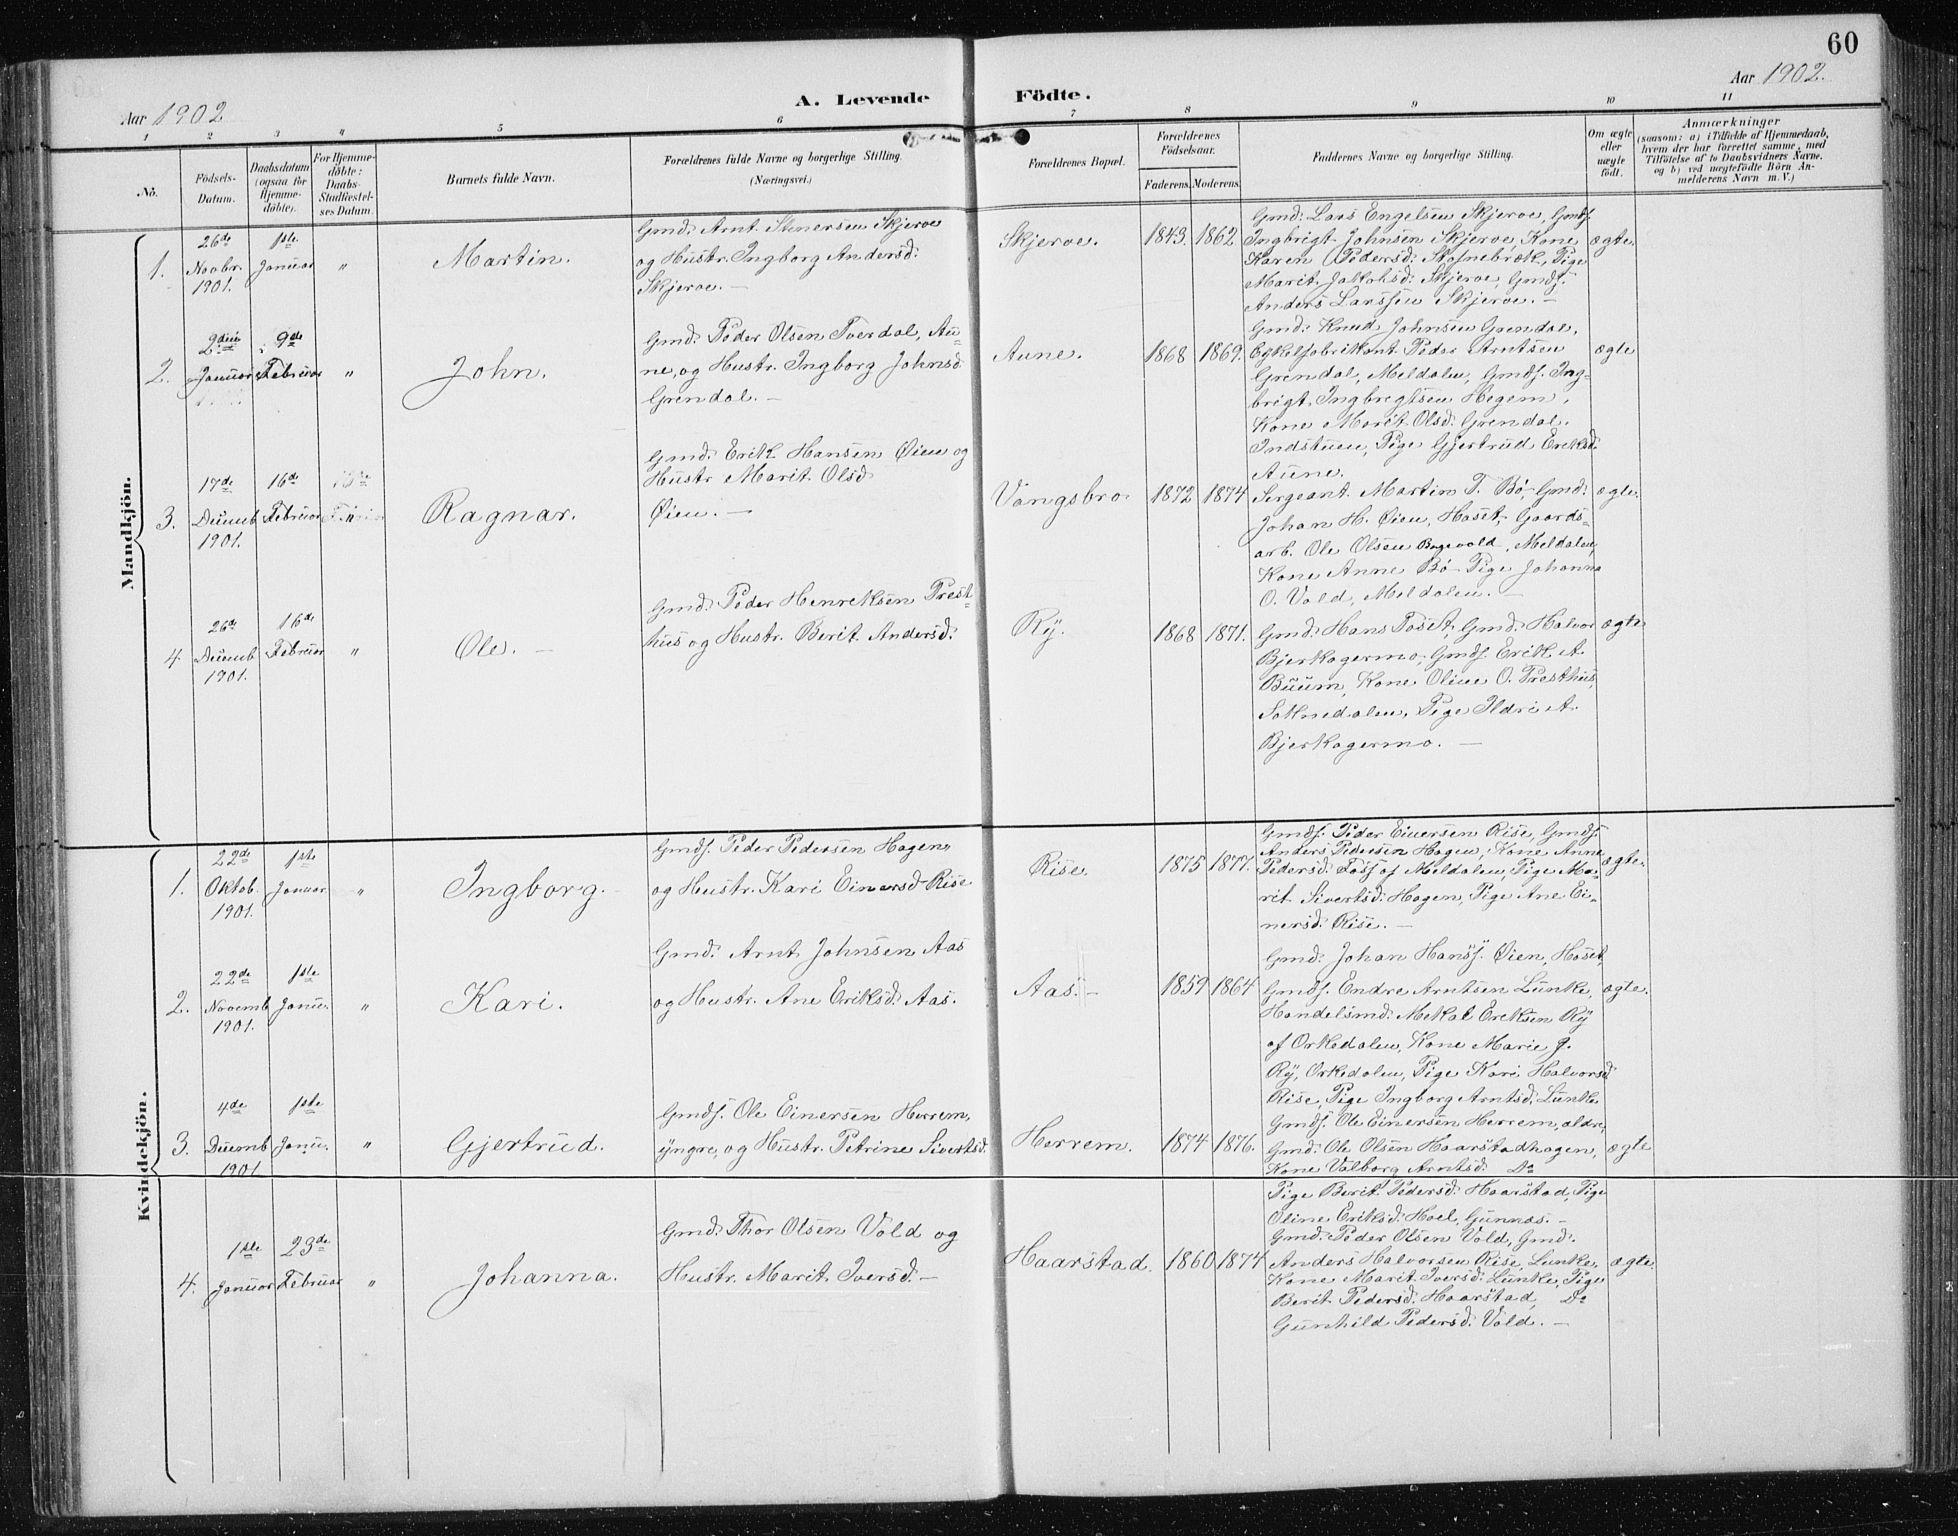 SAT, Ministerialprotokoller, klokkerbøker og fødselsregistre - Sør-Trøndelag, 674/L0876: Klokkerbok nr. 674C03, 1892-1912, s. 60